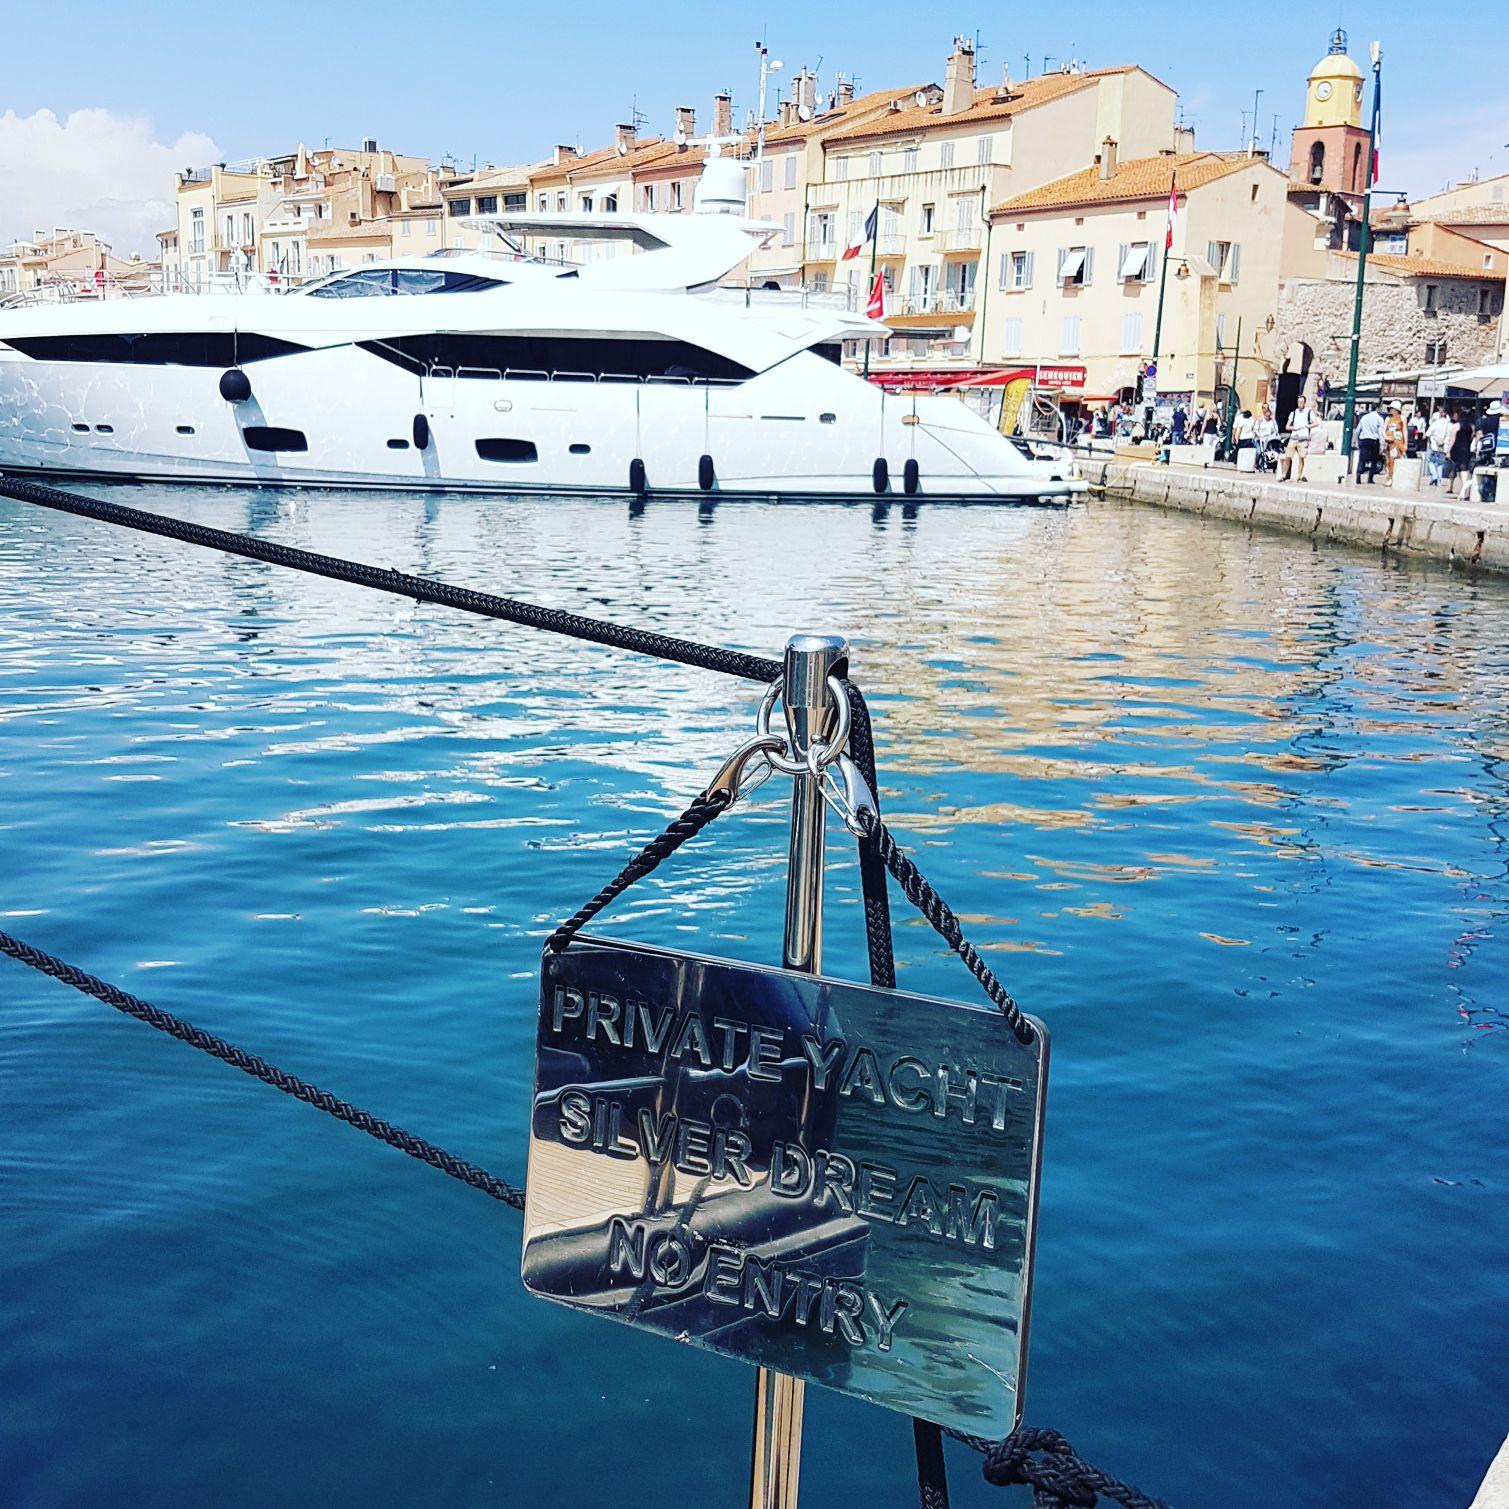 The port, Saint Tropez